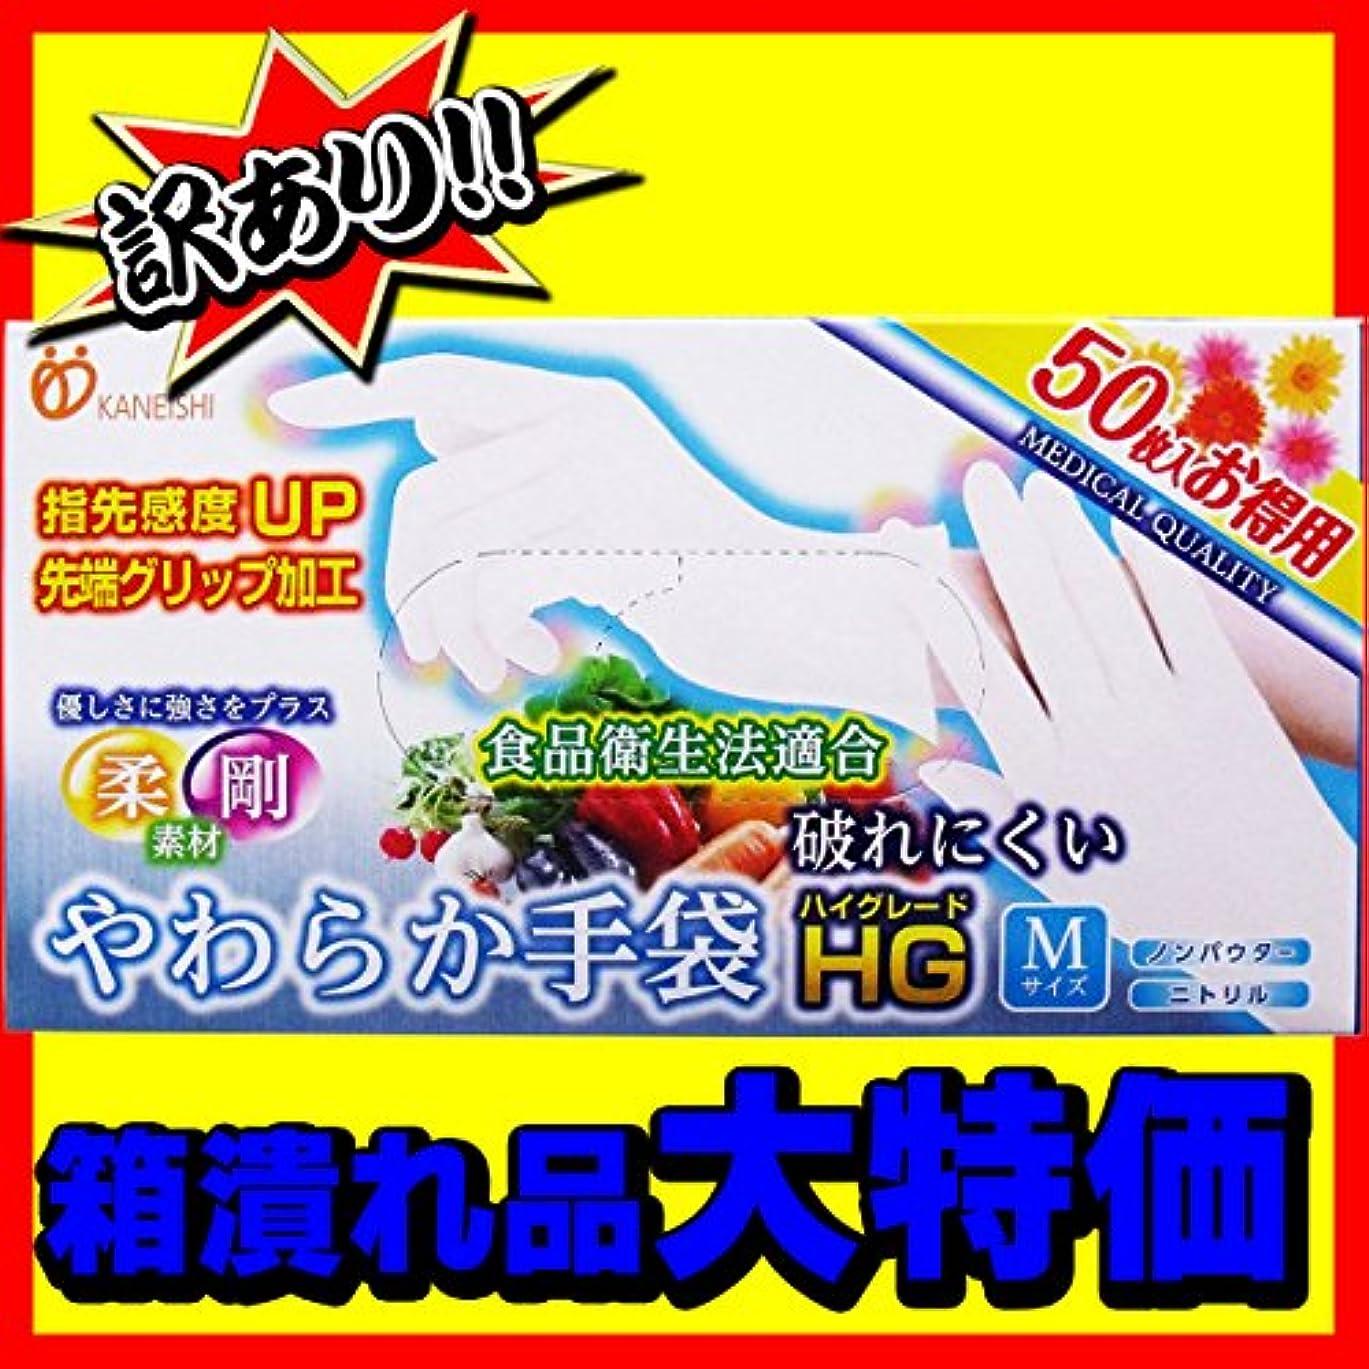 ラケット肝等【訳アリ】 やわらか手袋HG(ハイグレード) 二トリル手袋 パウダーフリー Mサイズ50枚入